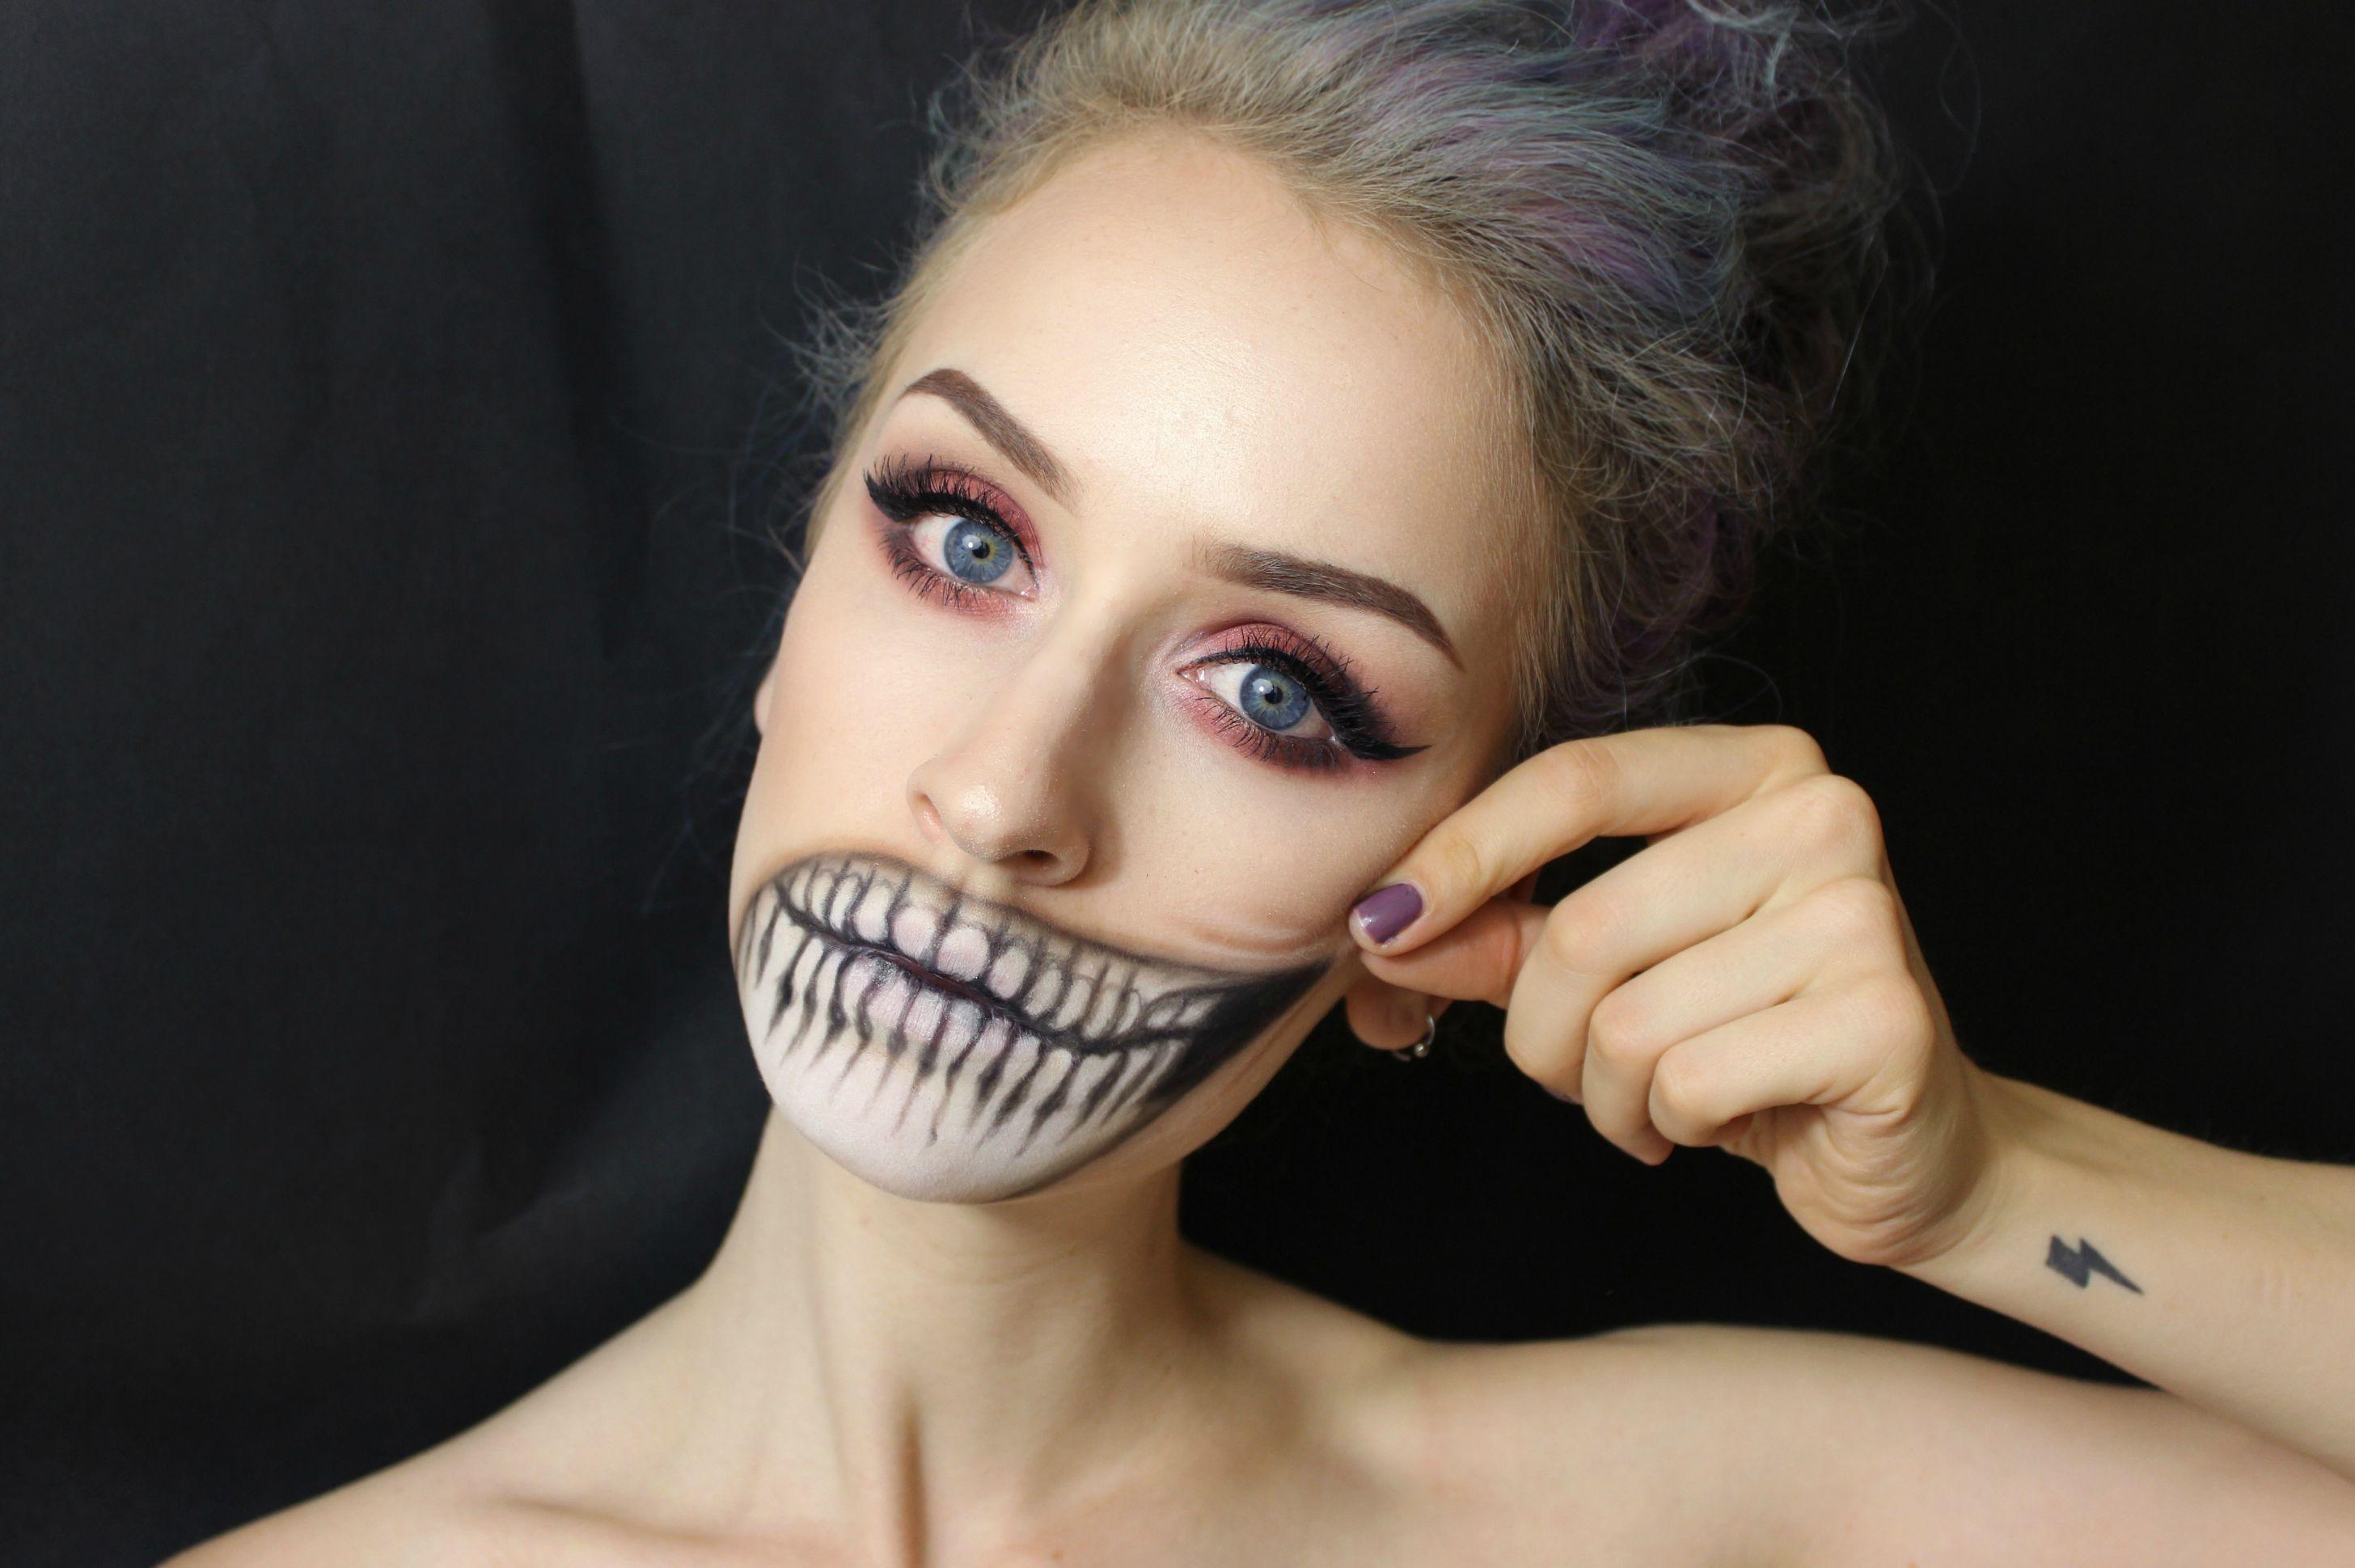 Chica con maquillaje para halloween Con la boca en forma de calavera